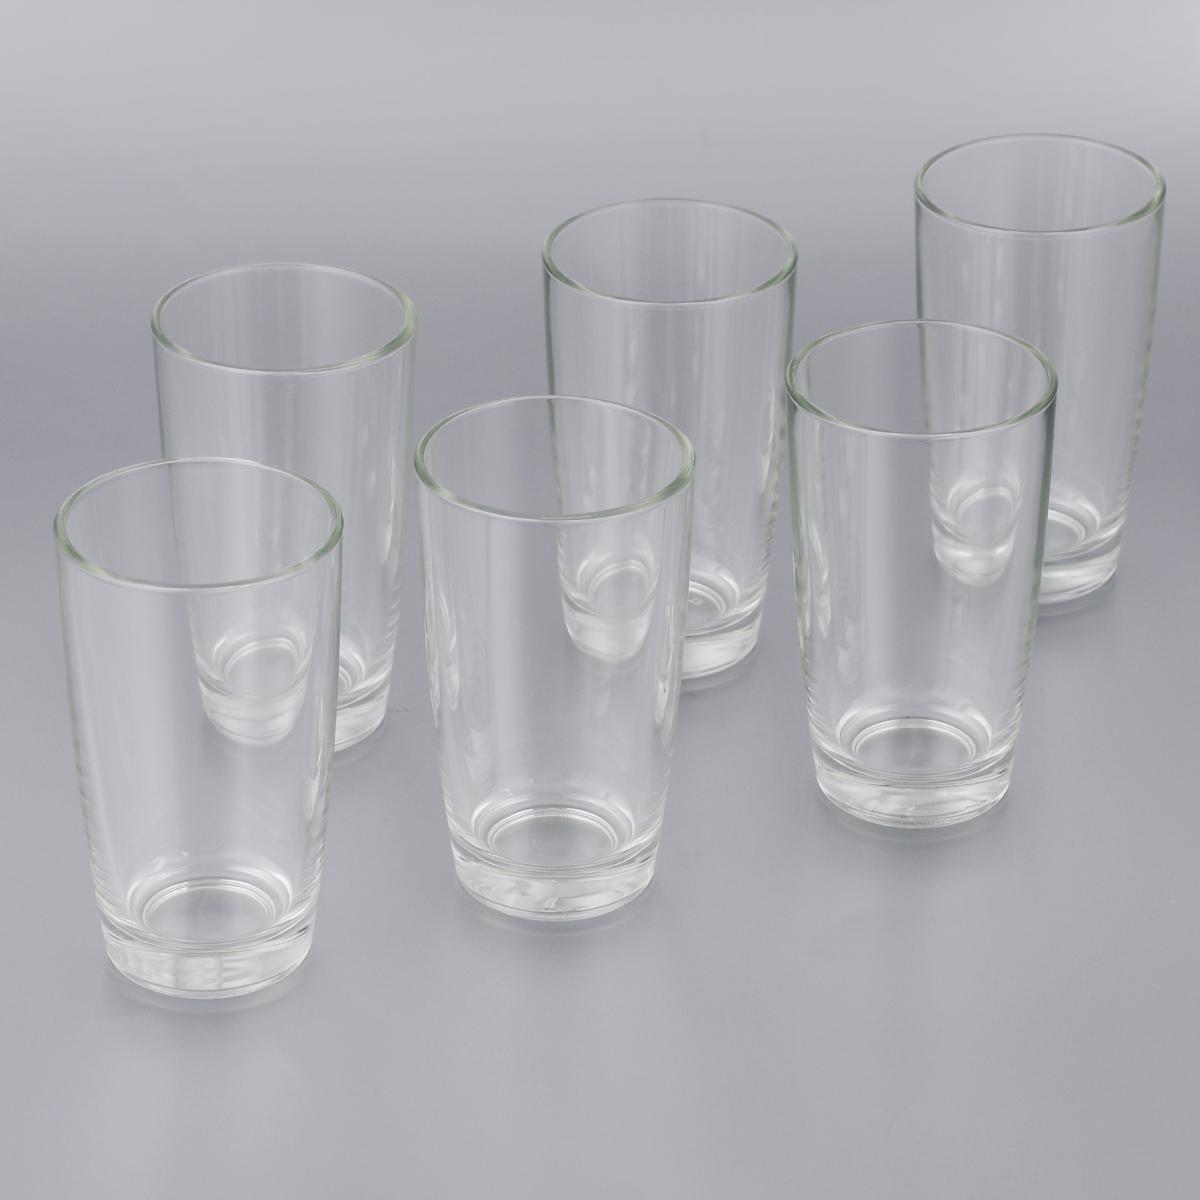 Набор стаканов Luminarc Monaco, 250 мл, 6 шт. H5123H5123Набор Luminarc Monaco состоит из шести высоких стаканов, выполненных из высококачественного стекла. Изделия предназначены для подачи холодных напитков. Они сочетают в себе элегантный дизайн и функциональность. Благодаря такому набору пить напитки будет еще приятнее. Набор стаканов Luminarc Monaco идеально подойдет для сервировки стола и станет отличным подарком к любому празднику. Можно мыть в посудомоечной машине. Объем стакана: 250 мл. Диаметр стакана (по верхнему краю): 6,5 см. Высота стакана: 12 см.